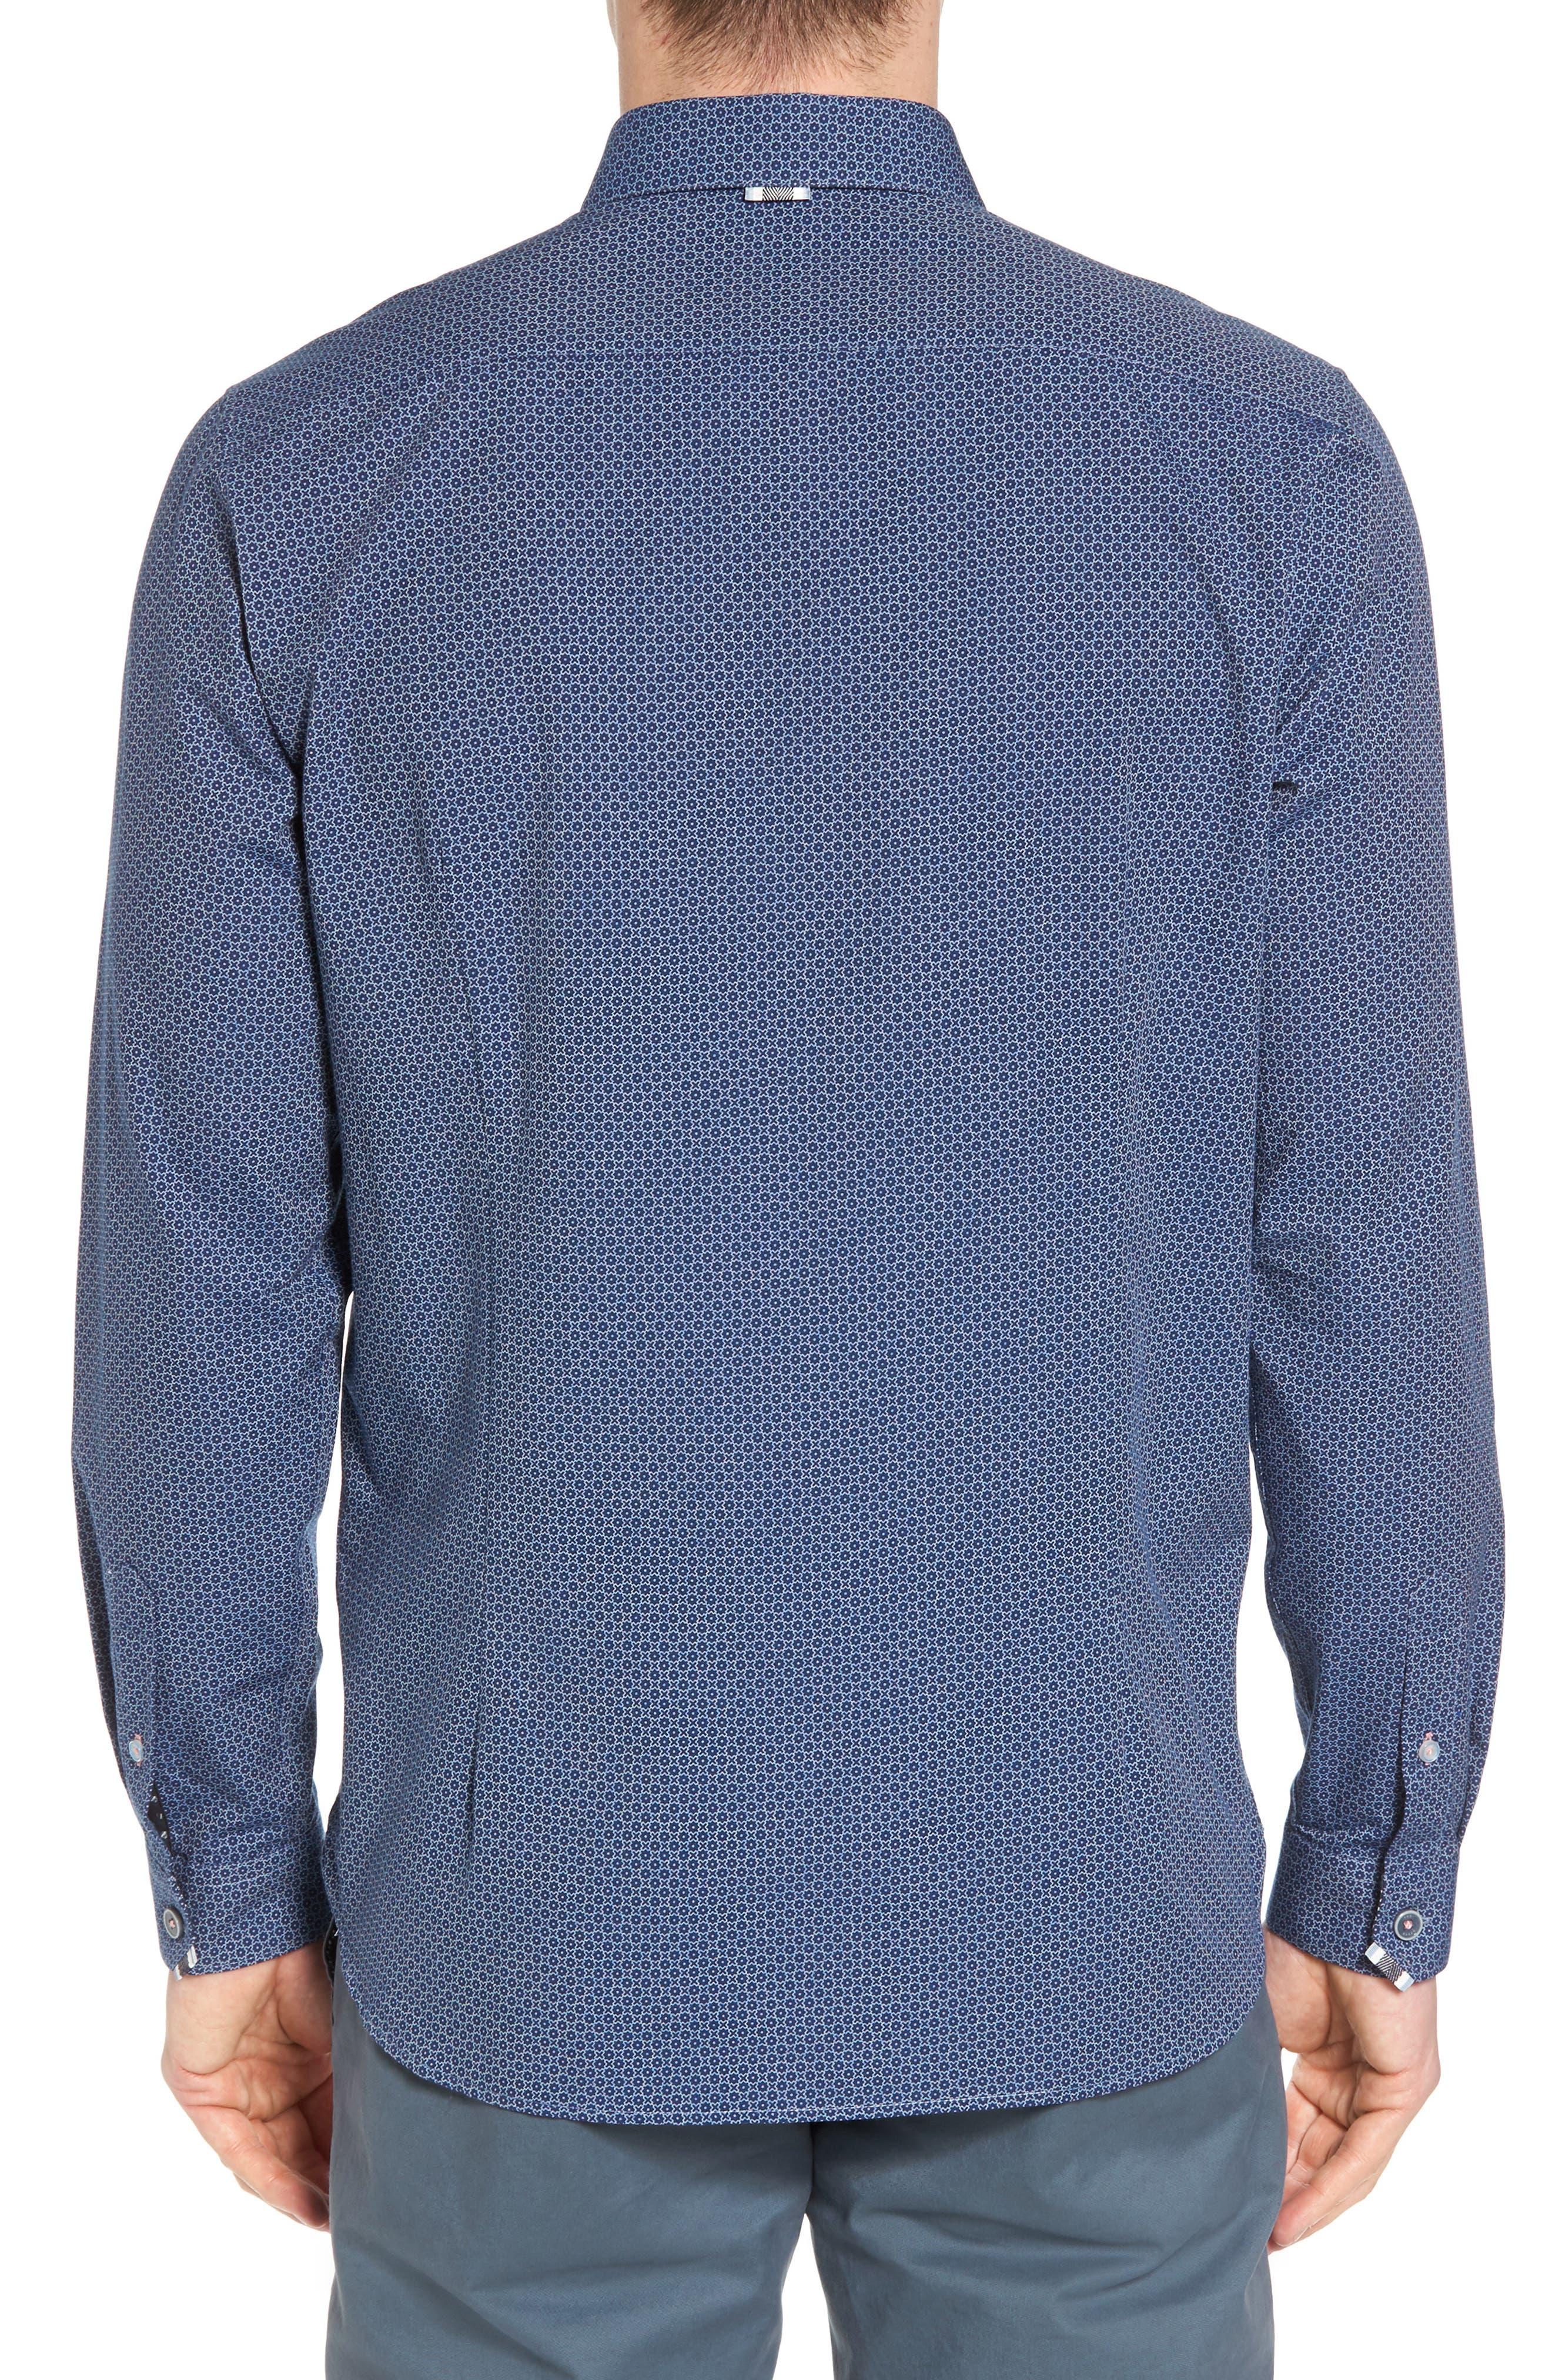 Holic Trim Fit Geometric Sport Shirt,                             Alternate thumbnail 2, color,                             421